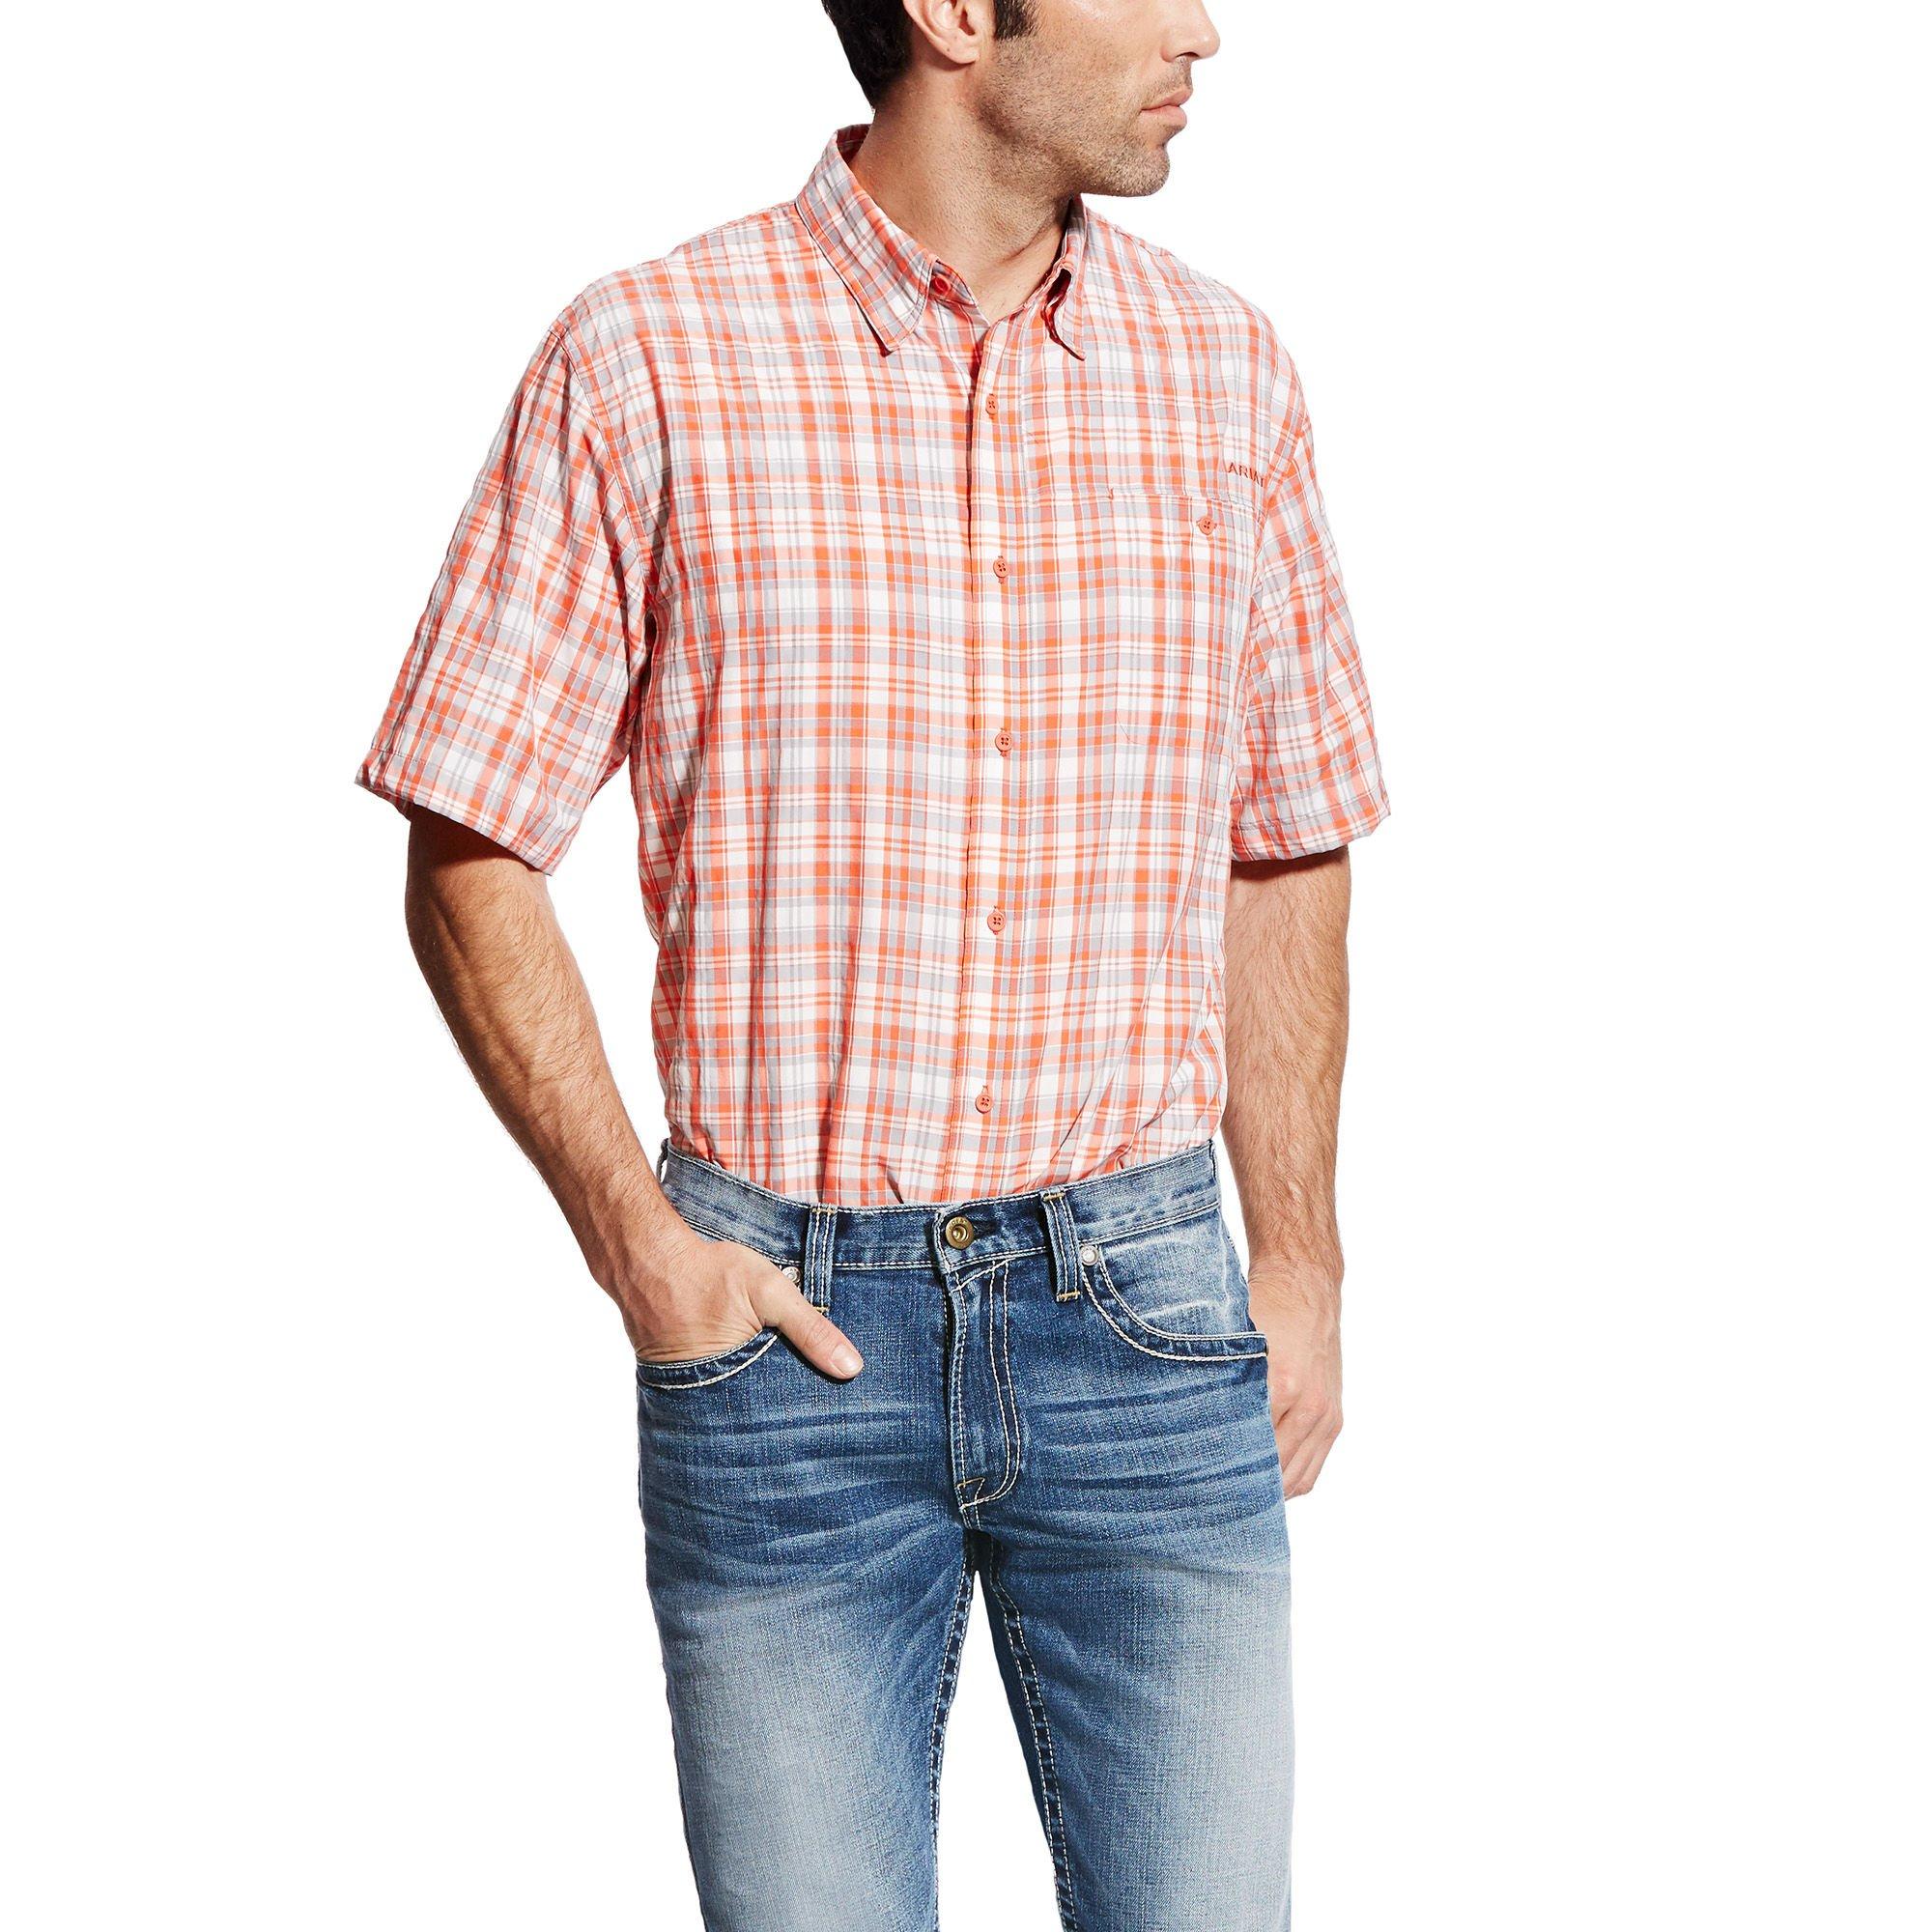 Ariat Men's Venttek Ii Short Sleeve Shirt, Multi/Colored, Med